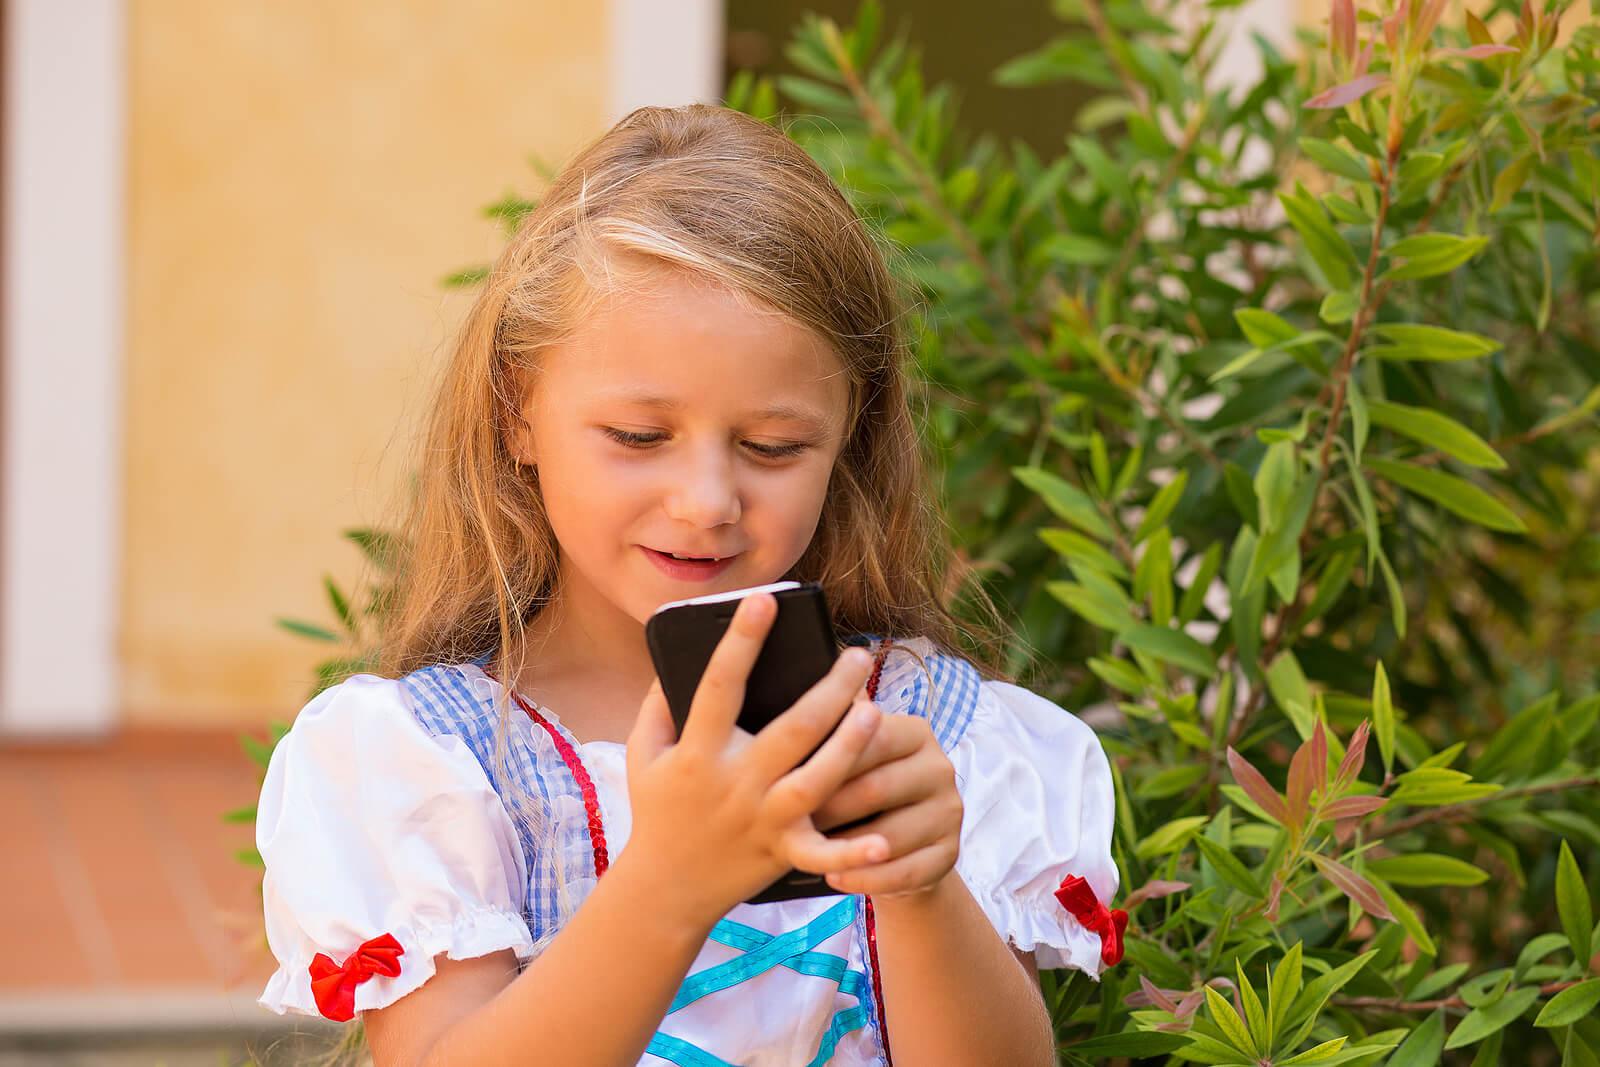 Niña enviando mensaje con el teléfono móvil.